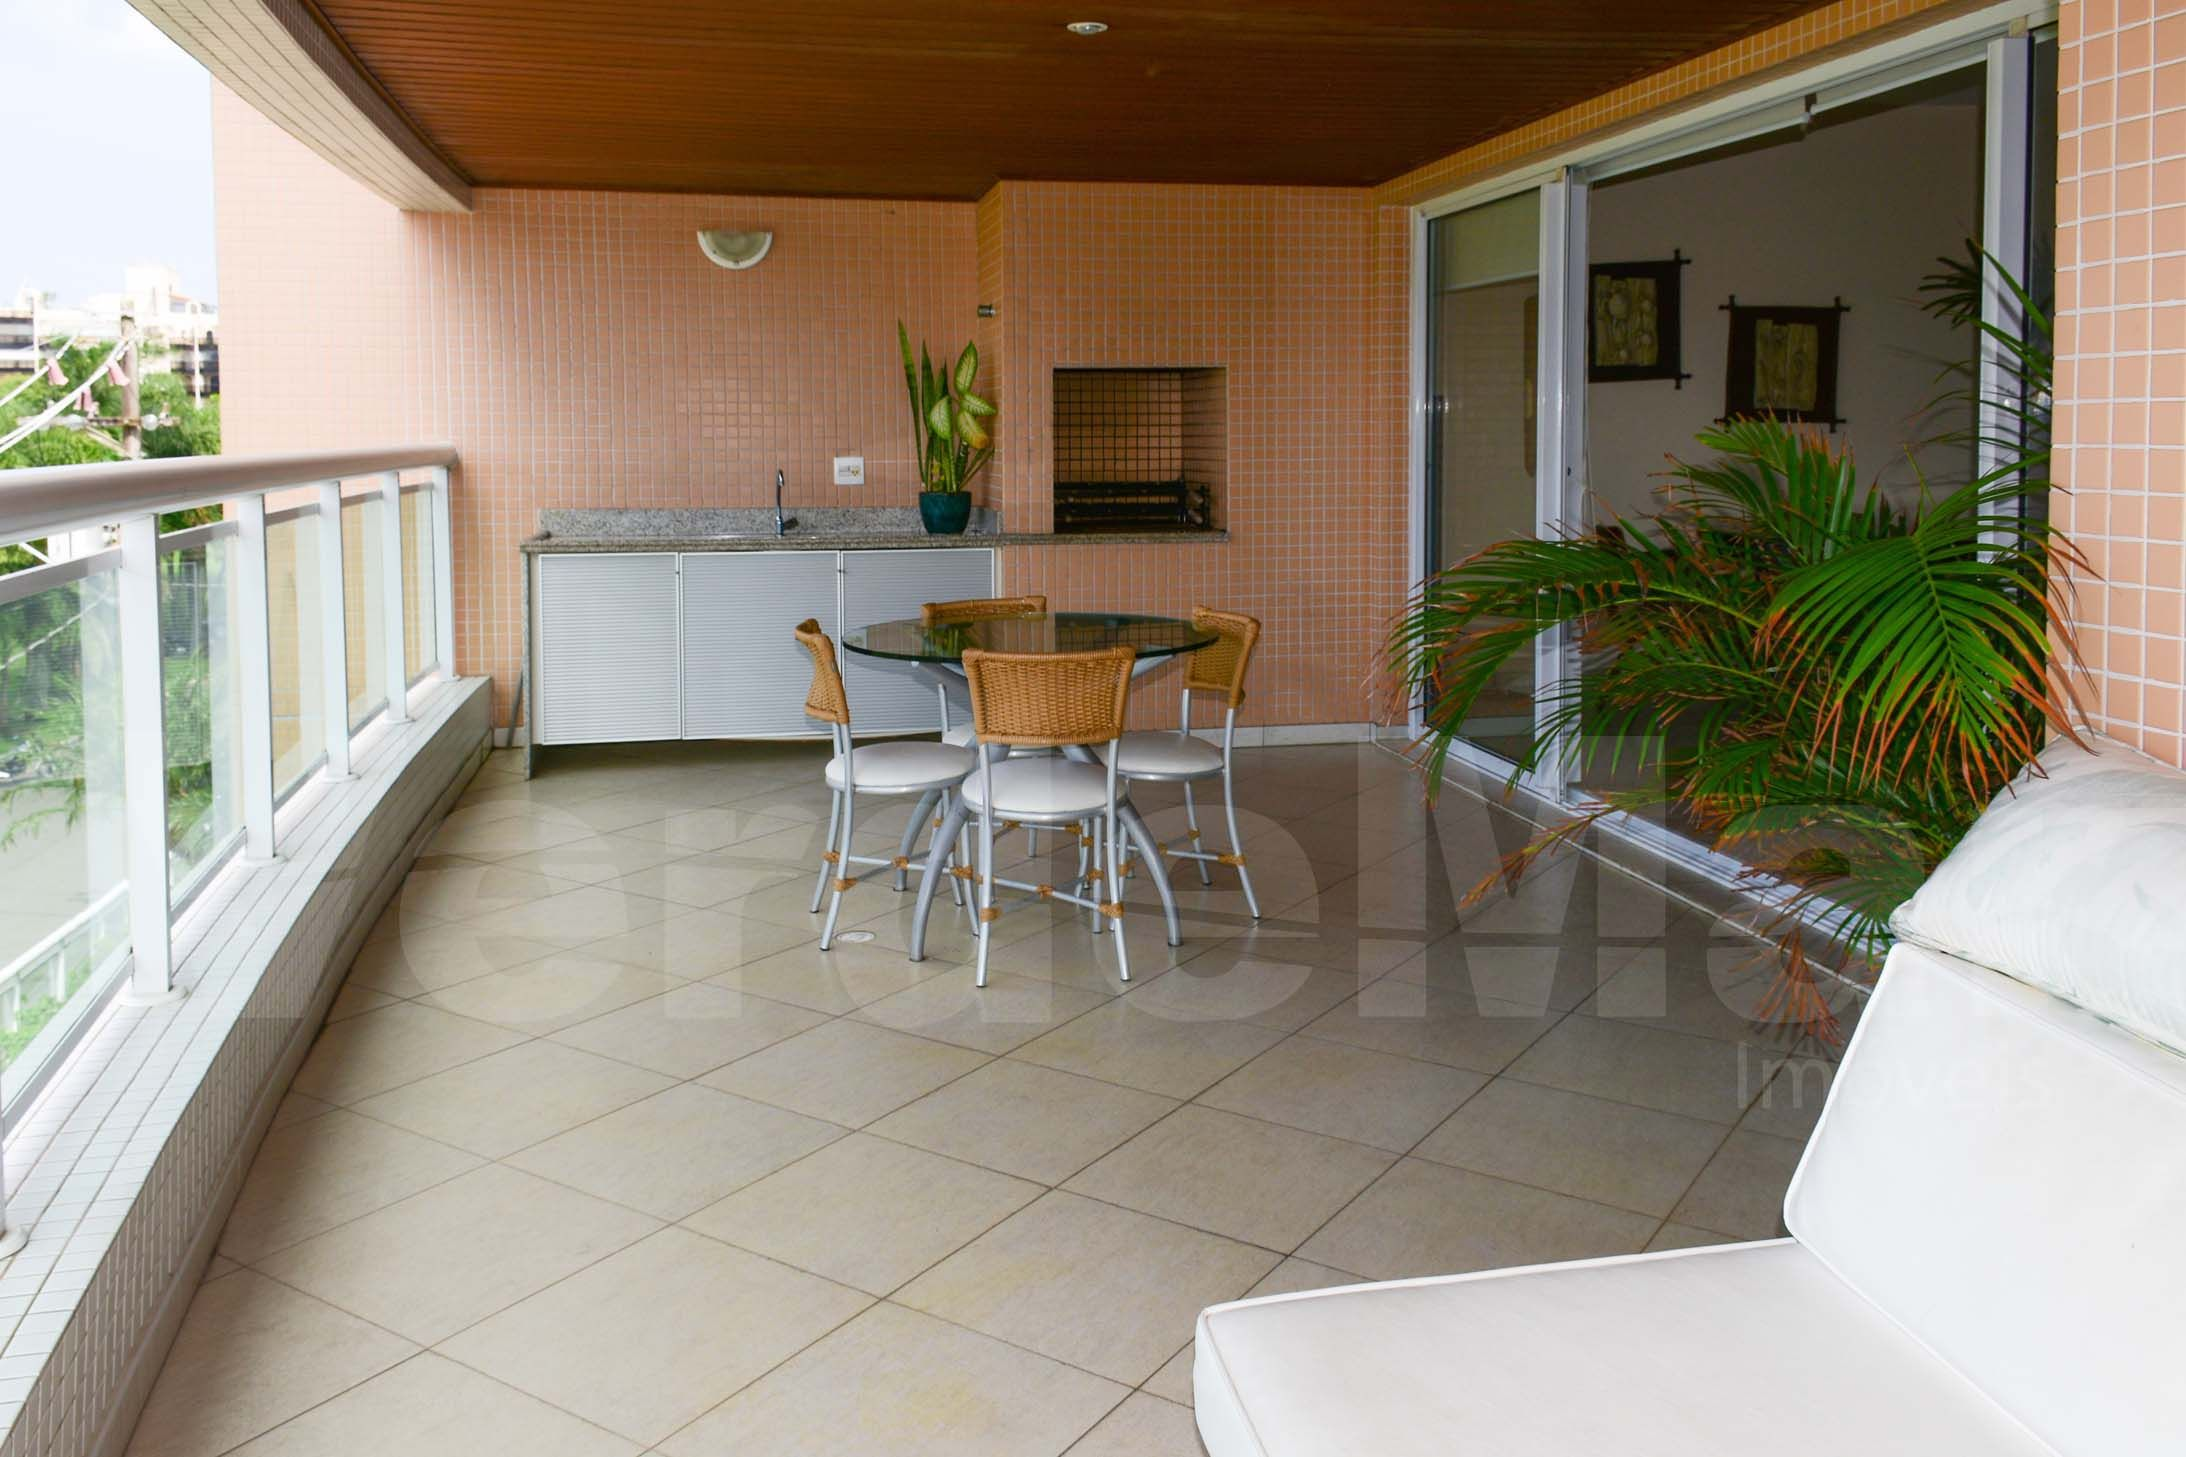 O Sis Spa Home Resort Apartamento A 150 Me O Sis Home Resort